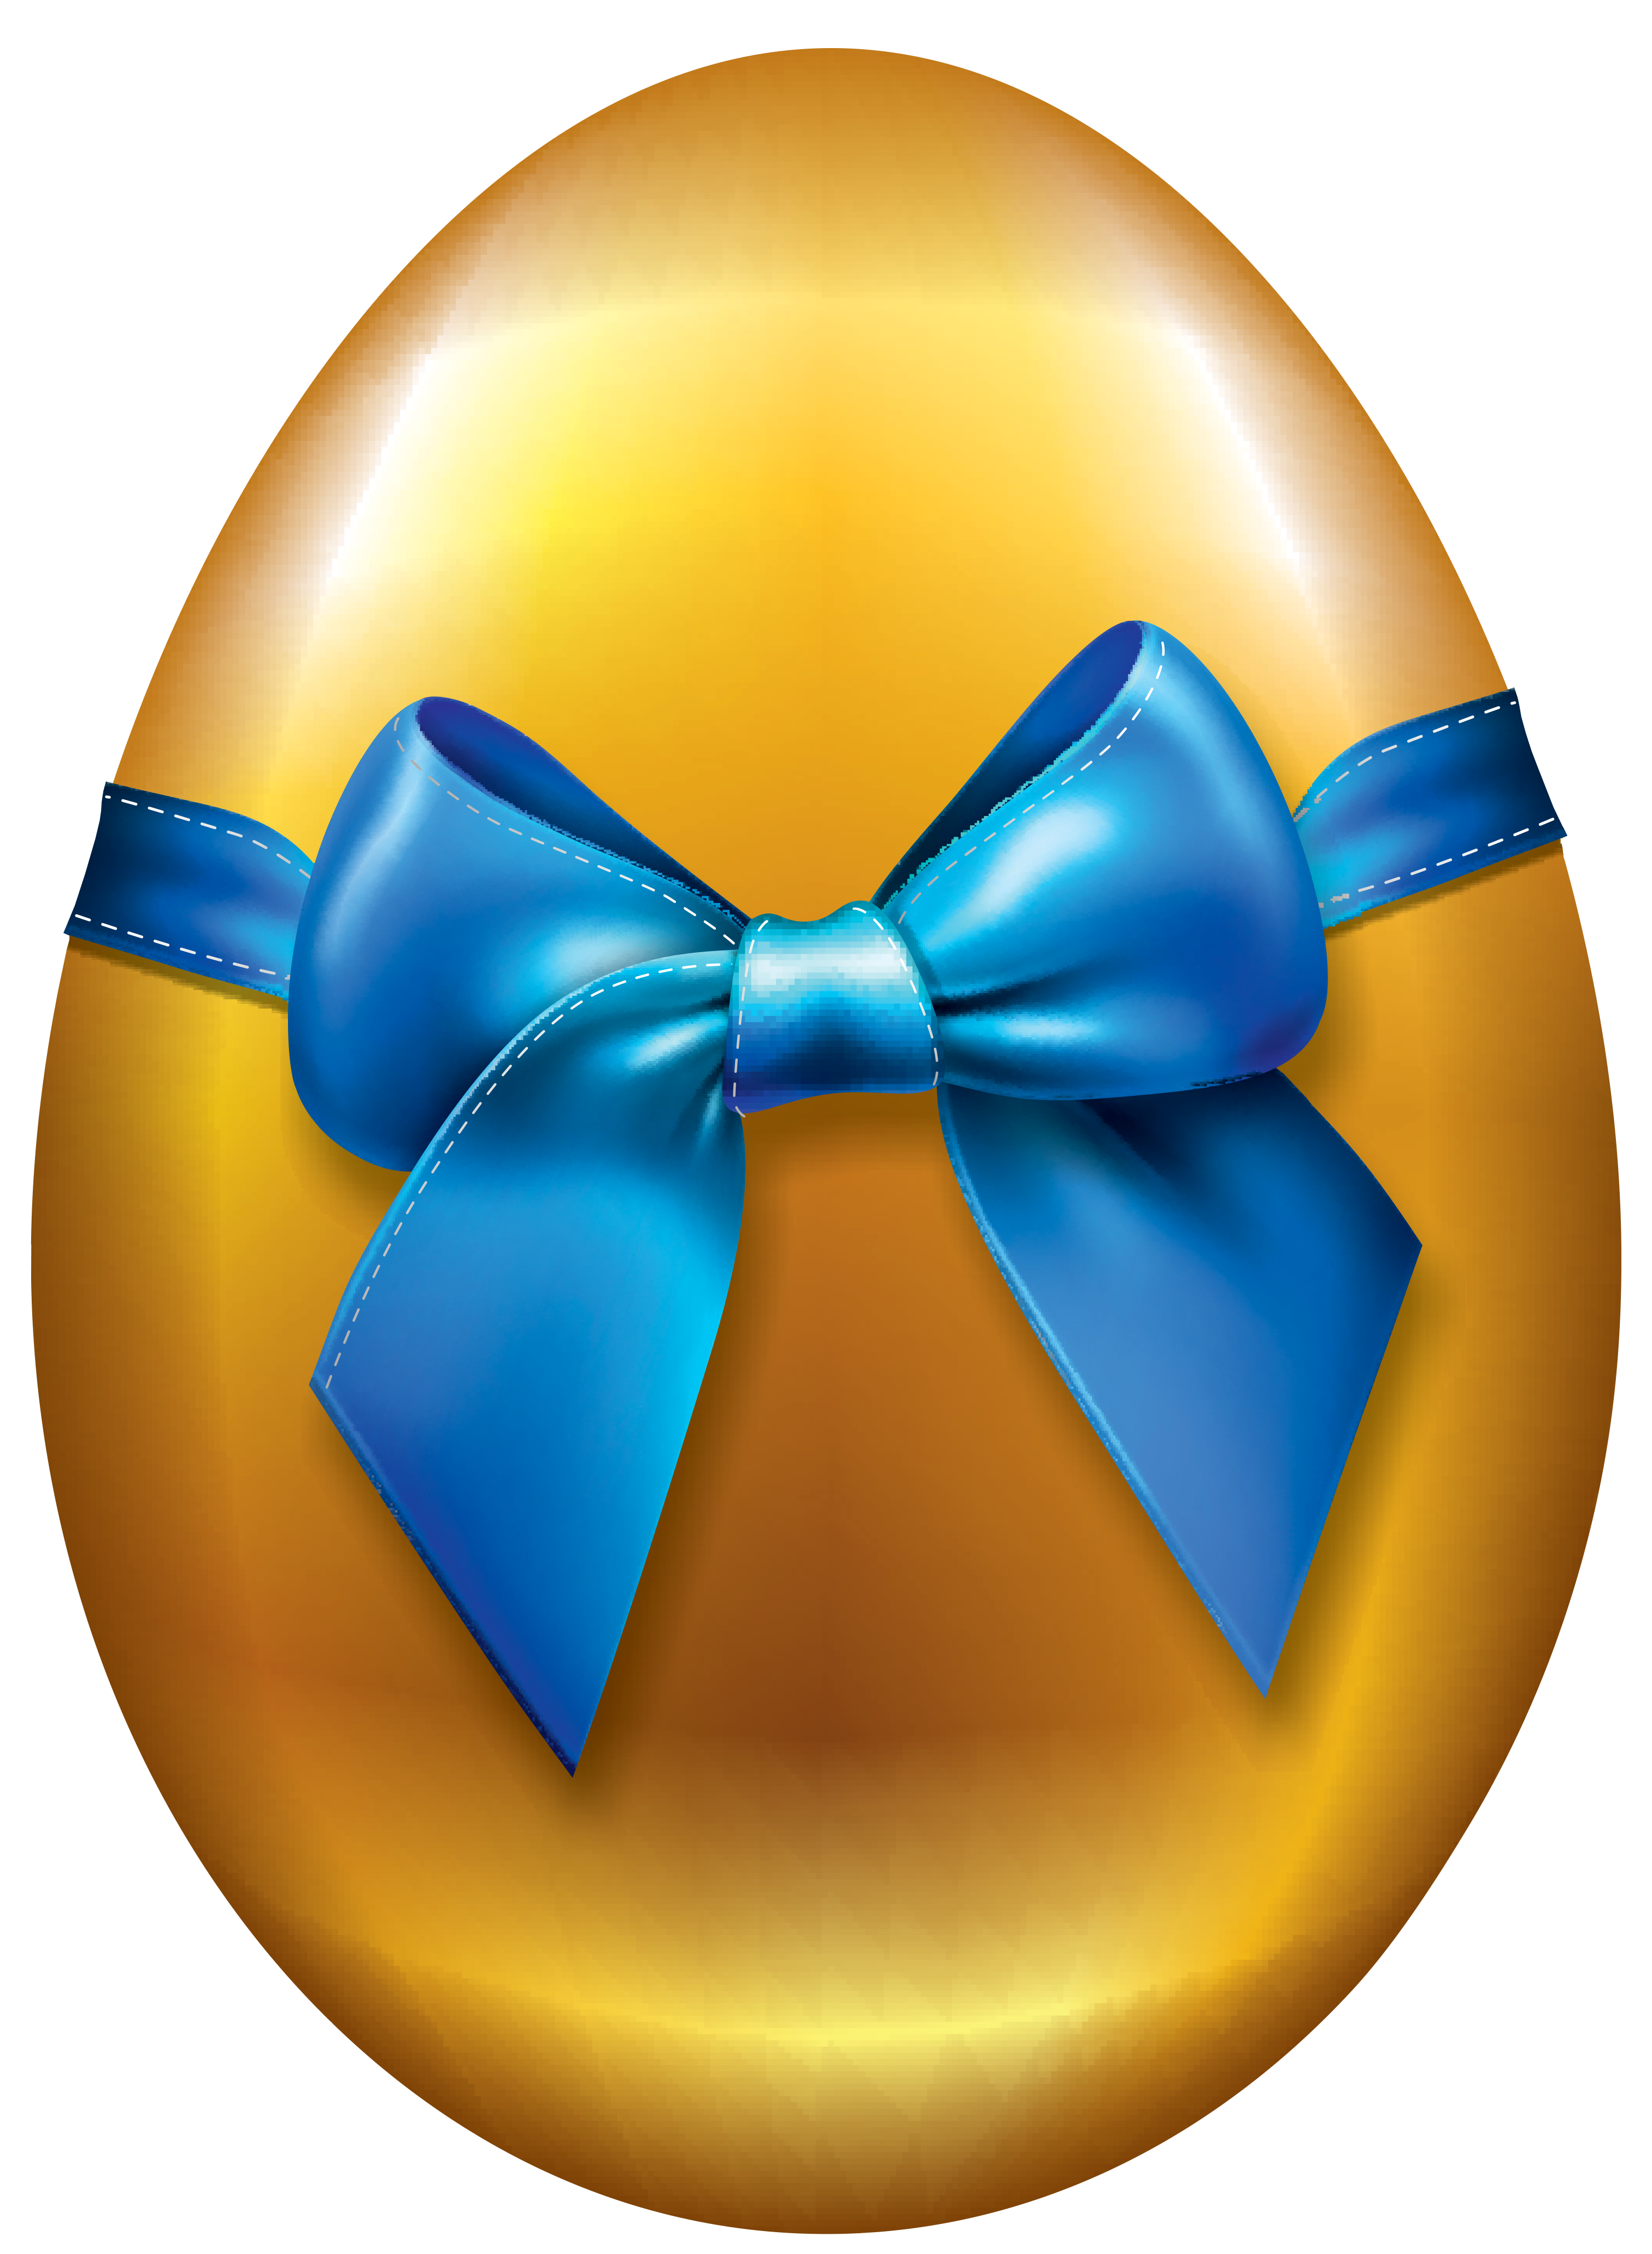 Transparent golden egg png. Clipart easter chalkboard